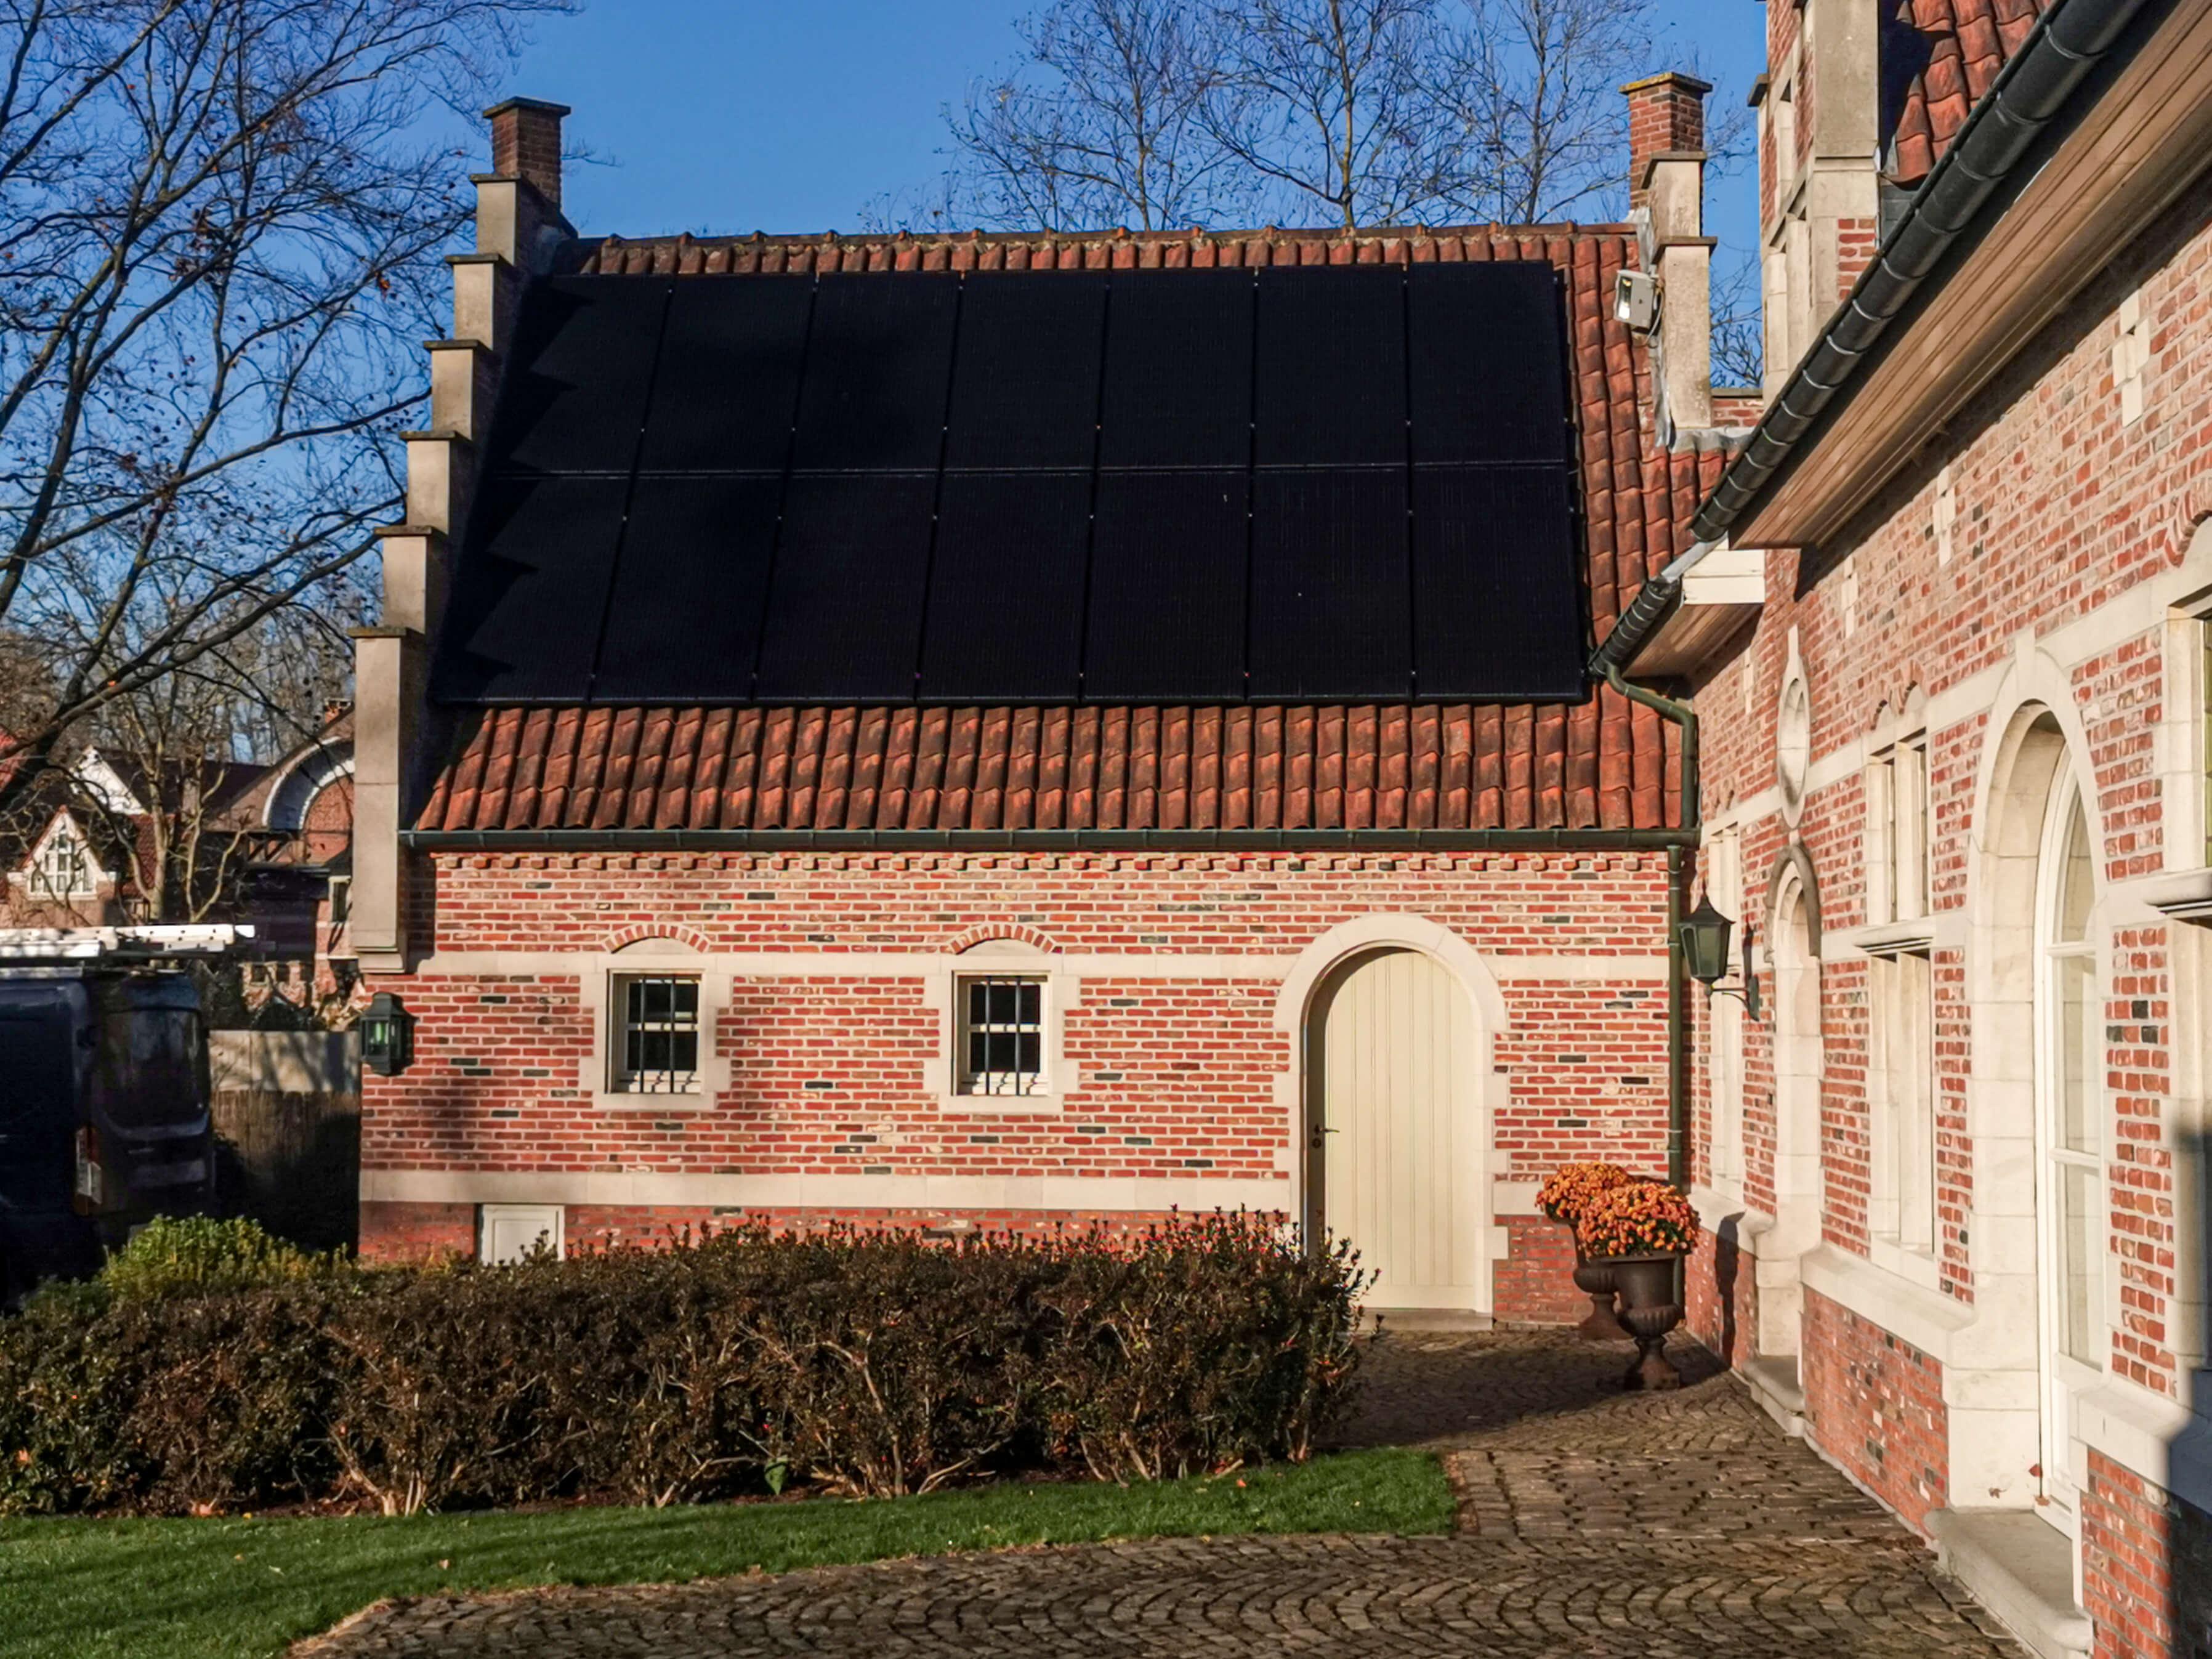 14 zonnepanelen op het dak van een bijgebouw in landelijke stijl.